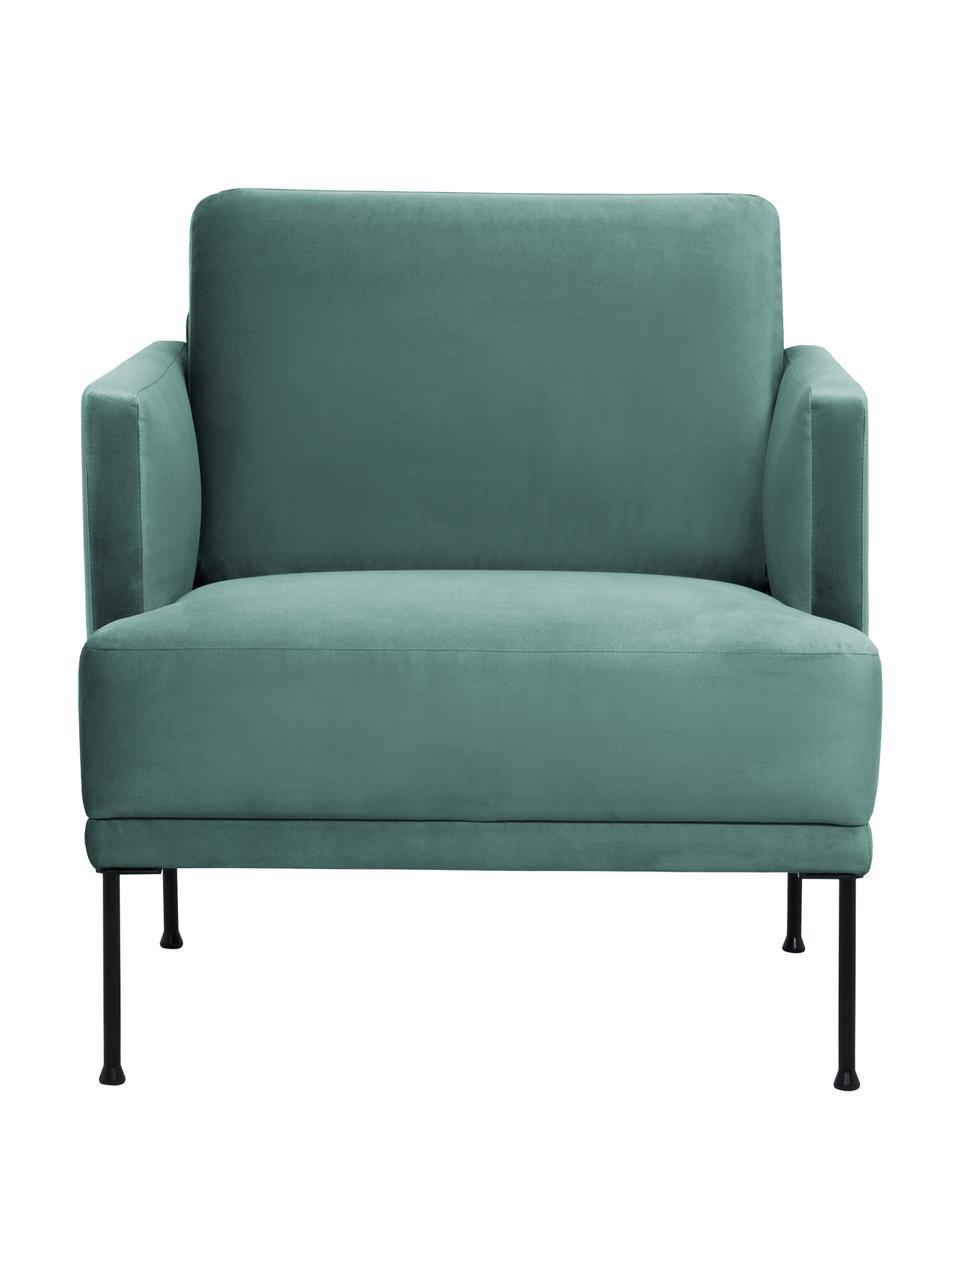 Fauteuil moderne velours vert clair Fluente, Velours vert clair